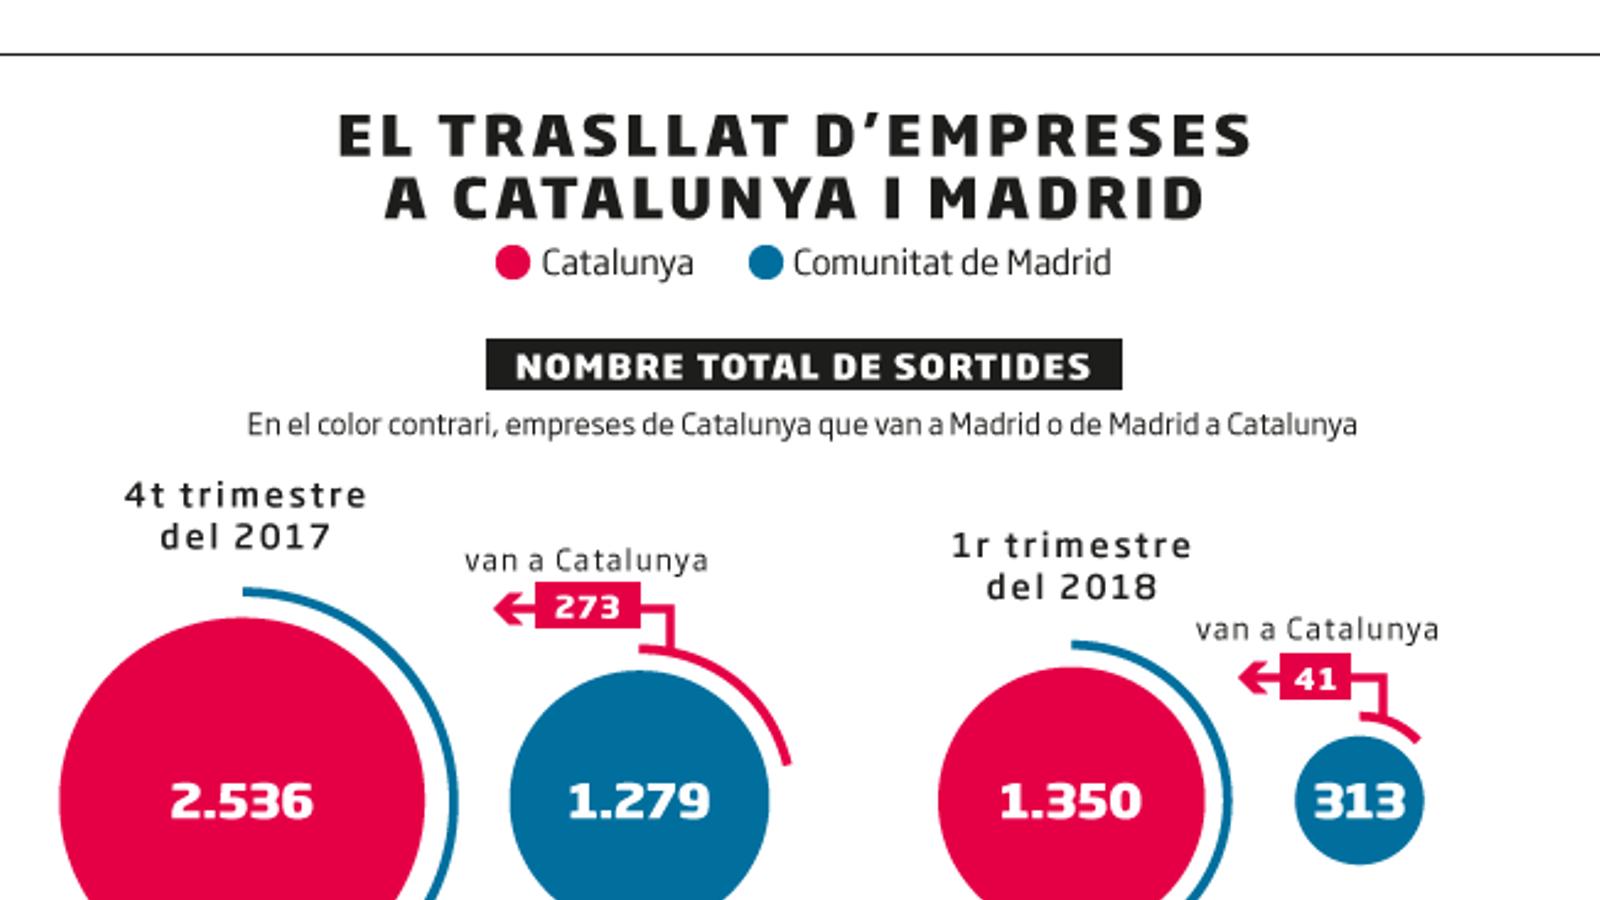 Quantes empreses han sortit de Catalunya?